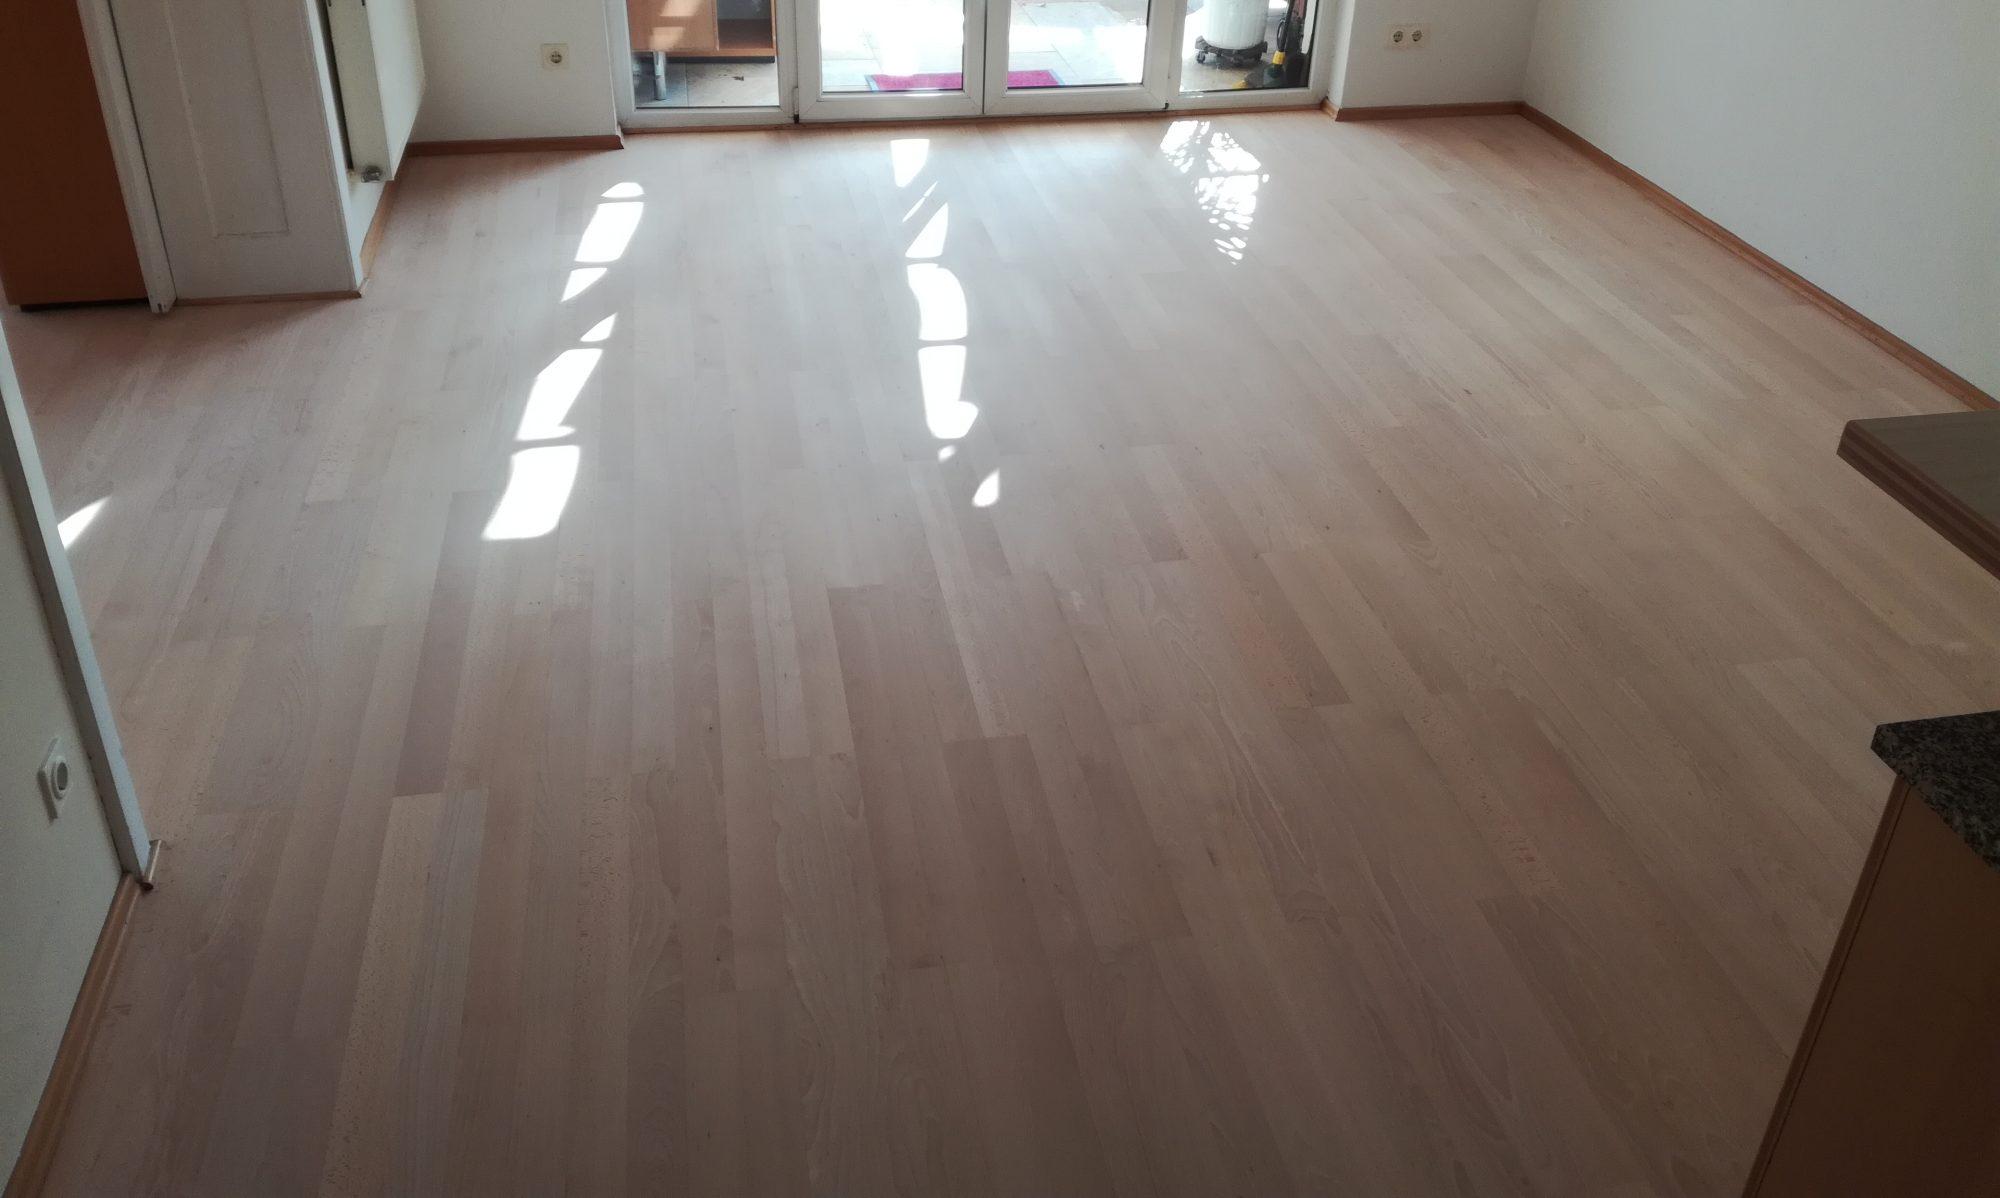 renovieren schleifen beschichtungen tiefenreinigen pflege reinigung von holz parkett und. Black Bedroom Furniture Sets. Home Design Ideas